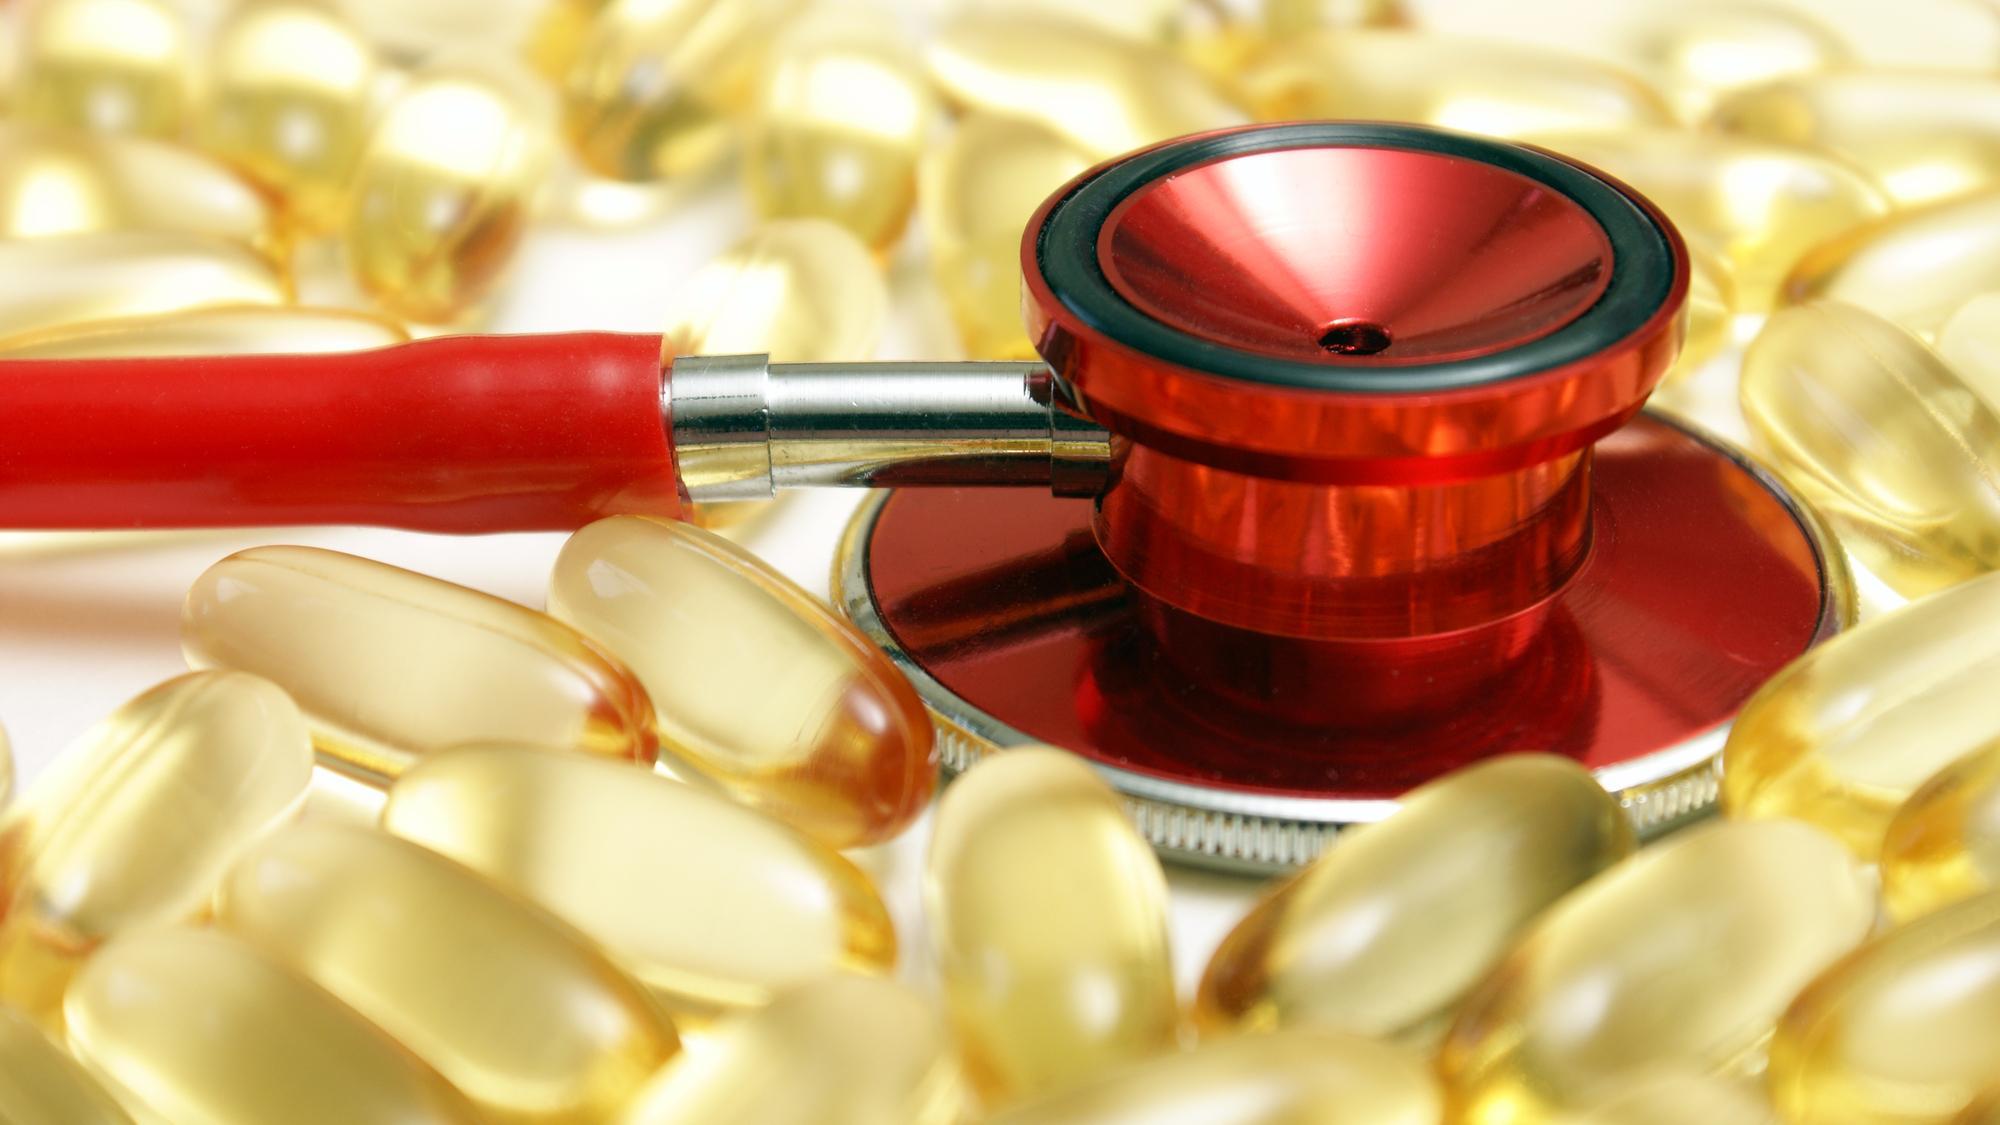 Эффективность омега-3 кислот в предупреждении болезней сердца поставлена под вопрос